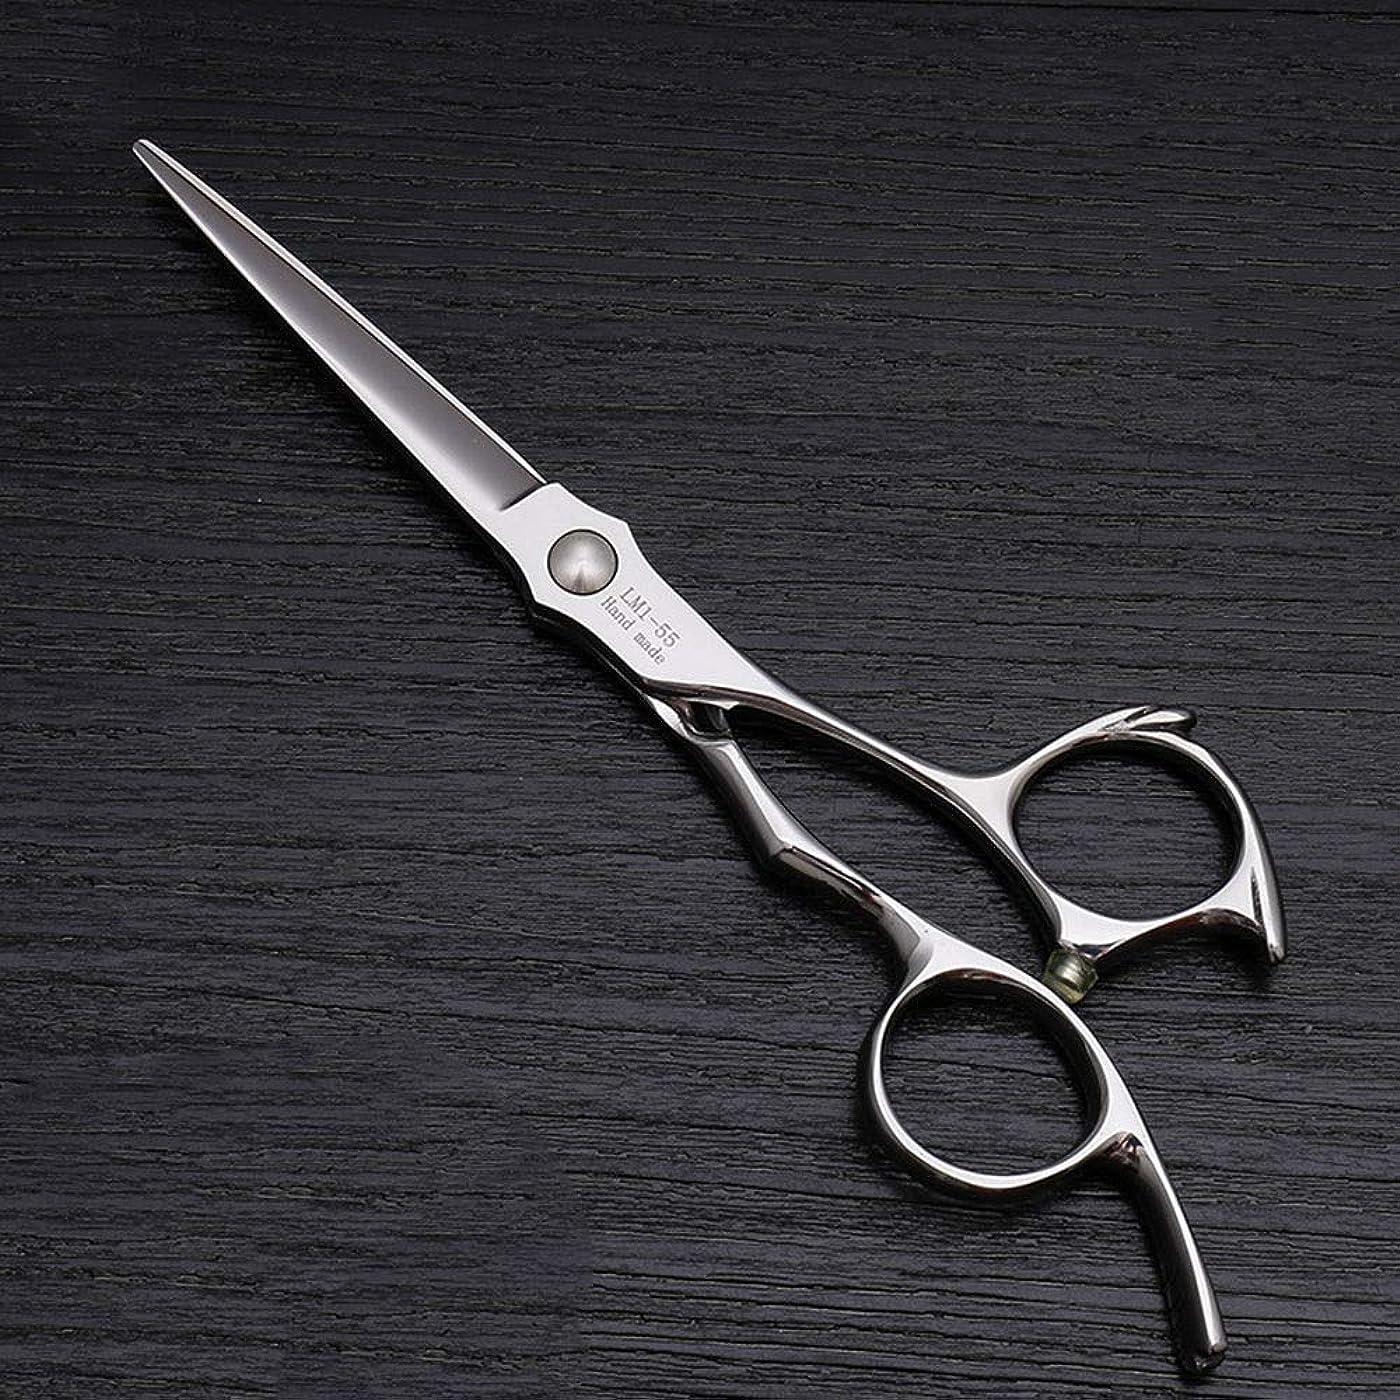 コントロール唯一騒々しい理髪用はさみ 5.5インチのヘアカットフラットはさみハイエンドの美容院特別なヘアカットの仕上げはさみヘアカットはさみステンレス理髪はさみ (色 : Silver)